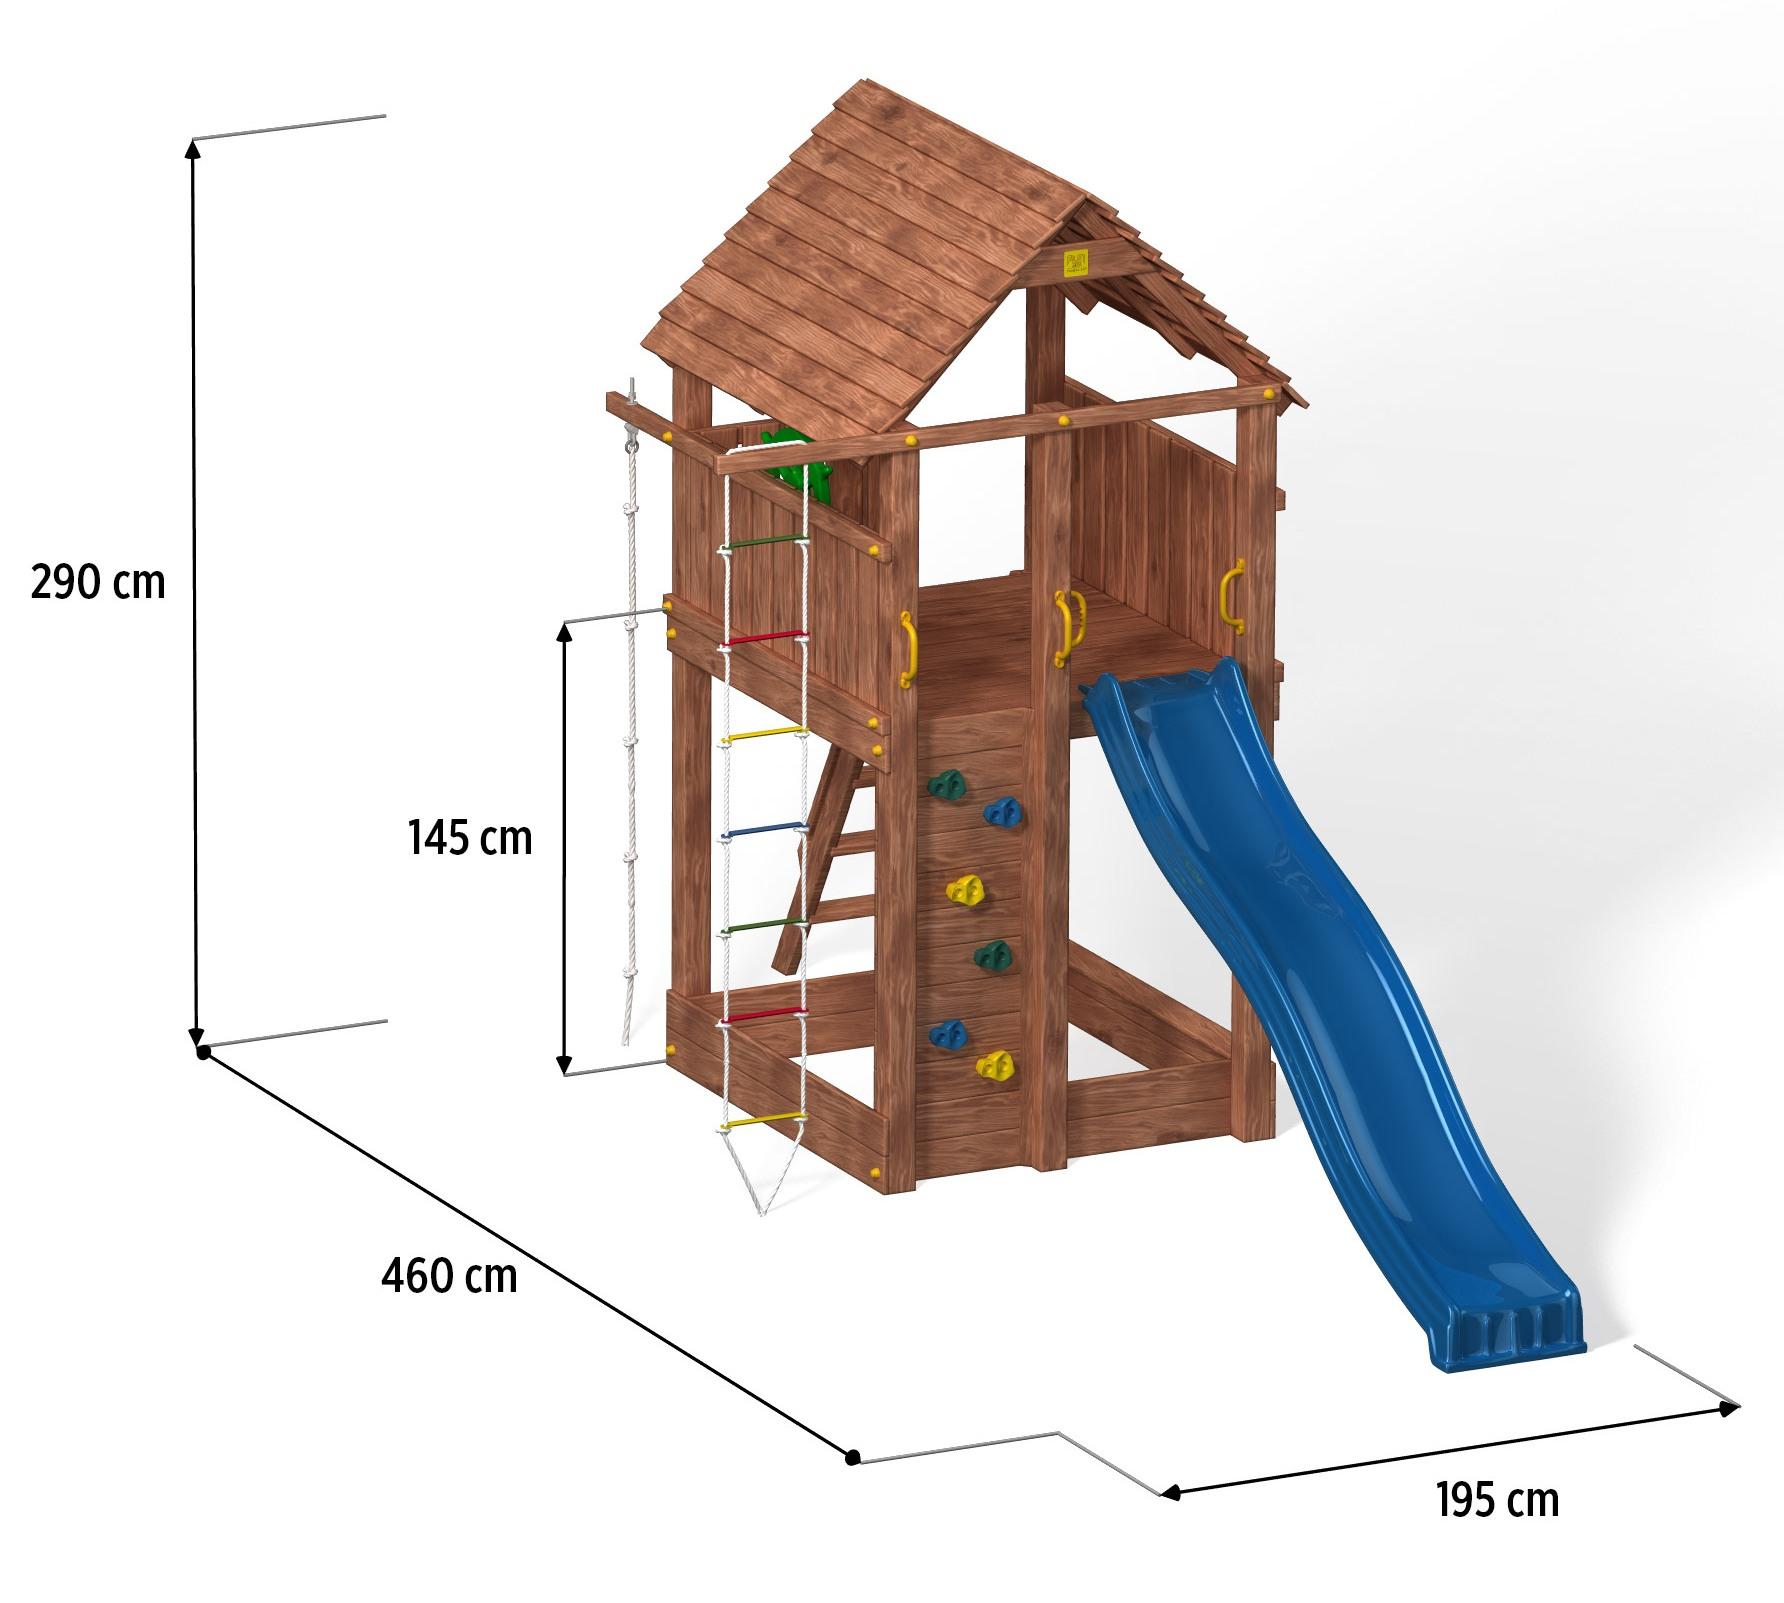 fungoo fortress move spielturm mit rutsche kletterwand leiter holzdach und doppelschaukel aus. Black Bedroom Furniture Sets. Home Design Ideas